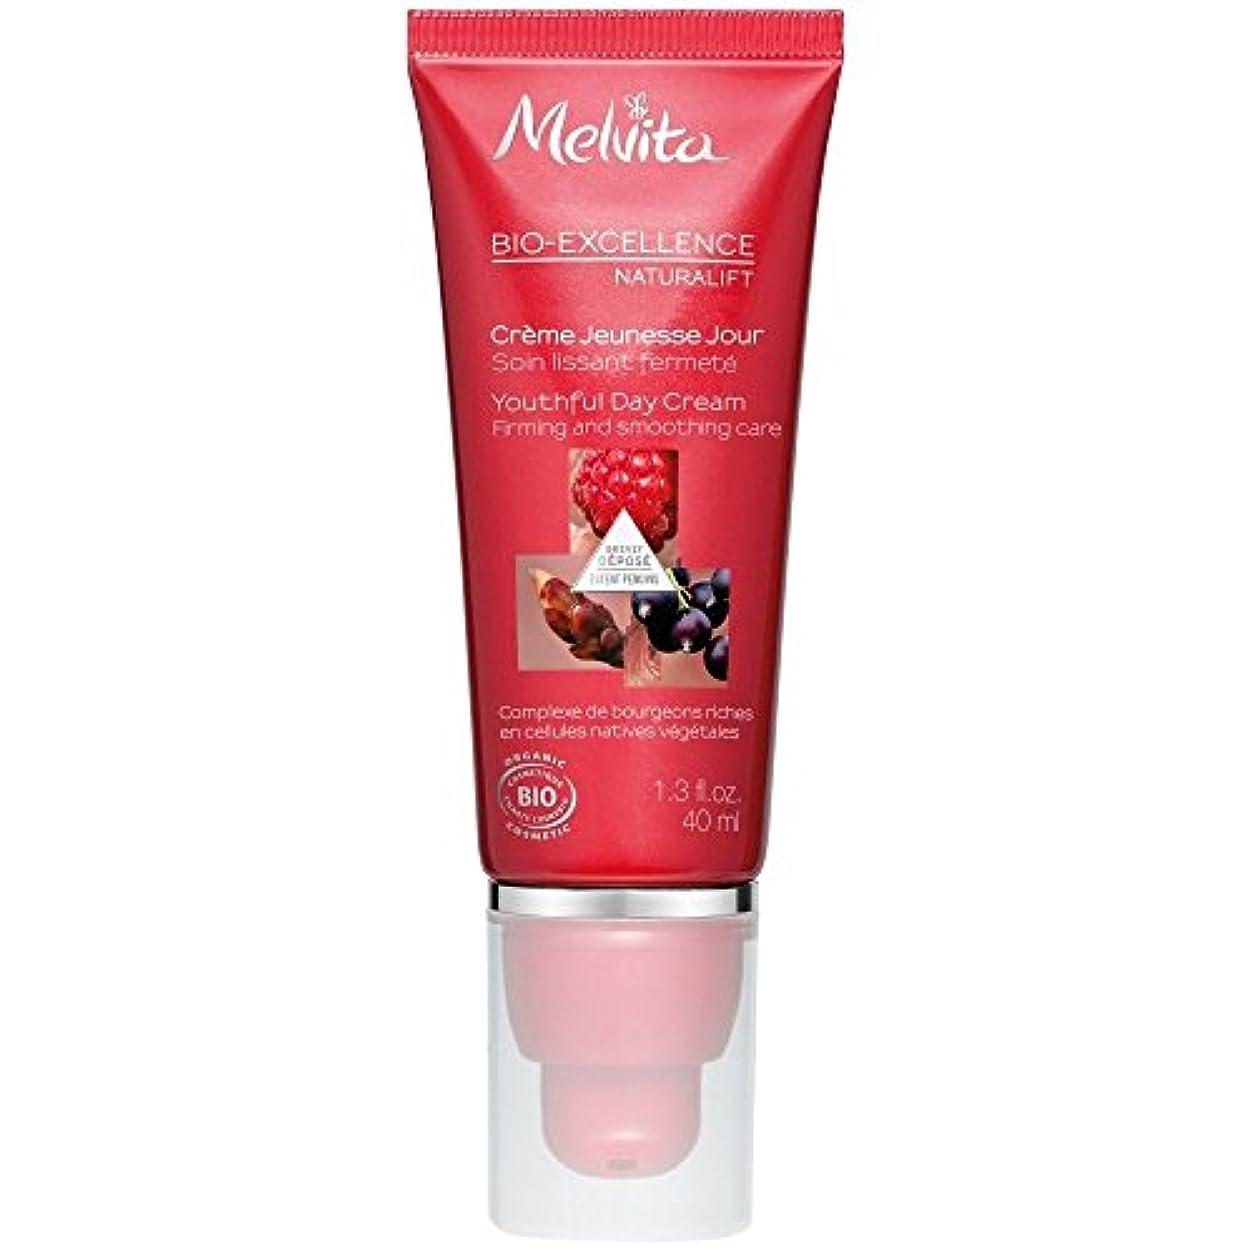 夕暮れソフトウェア環境に優しい[Melvita] メルヴィータバイオ優秀若々しいデイクリーム、40ミリリットル - Melvita Bio-Excellence Youthful Day Cream, 40ml [並行輸入品]